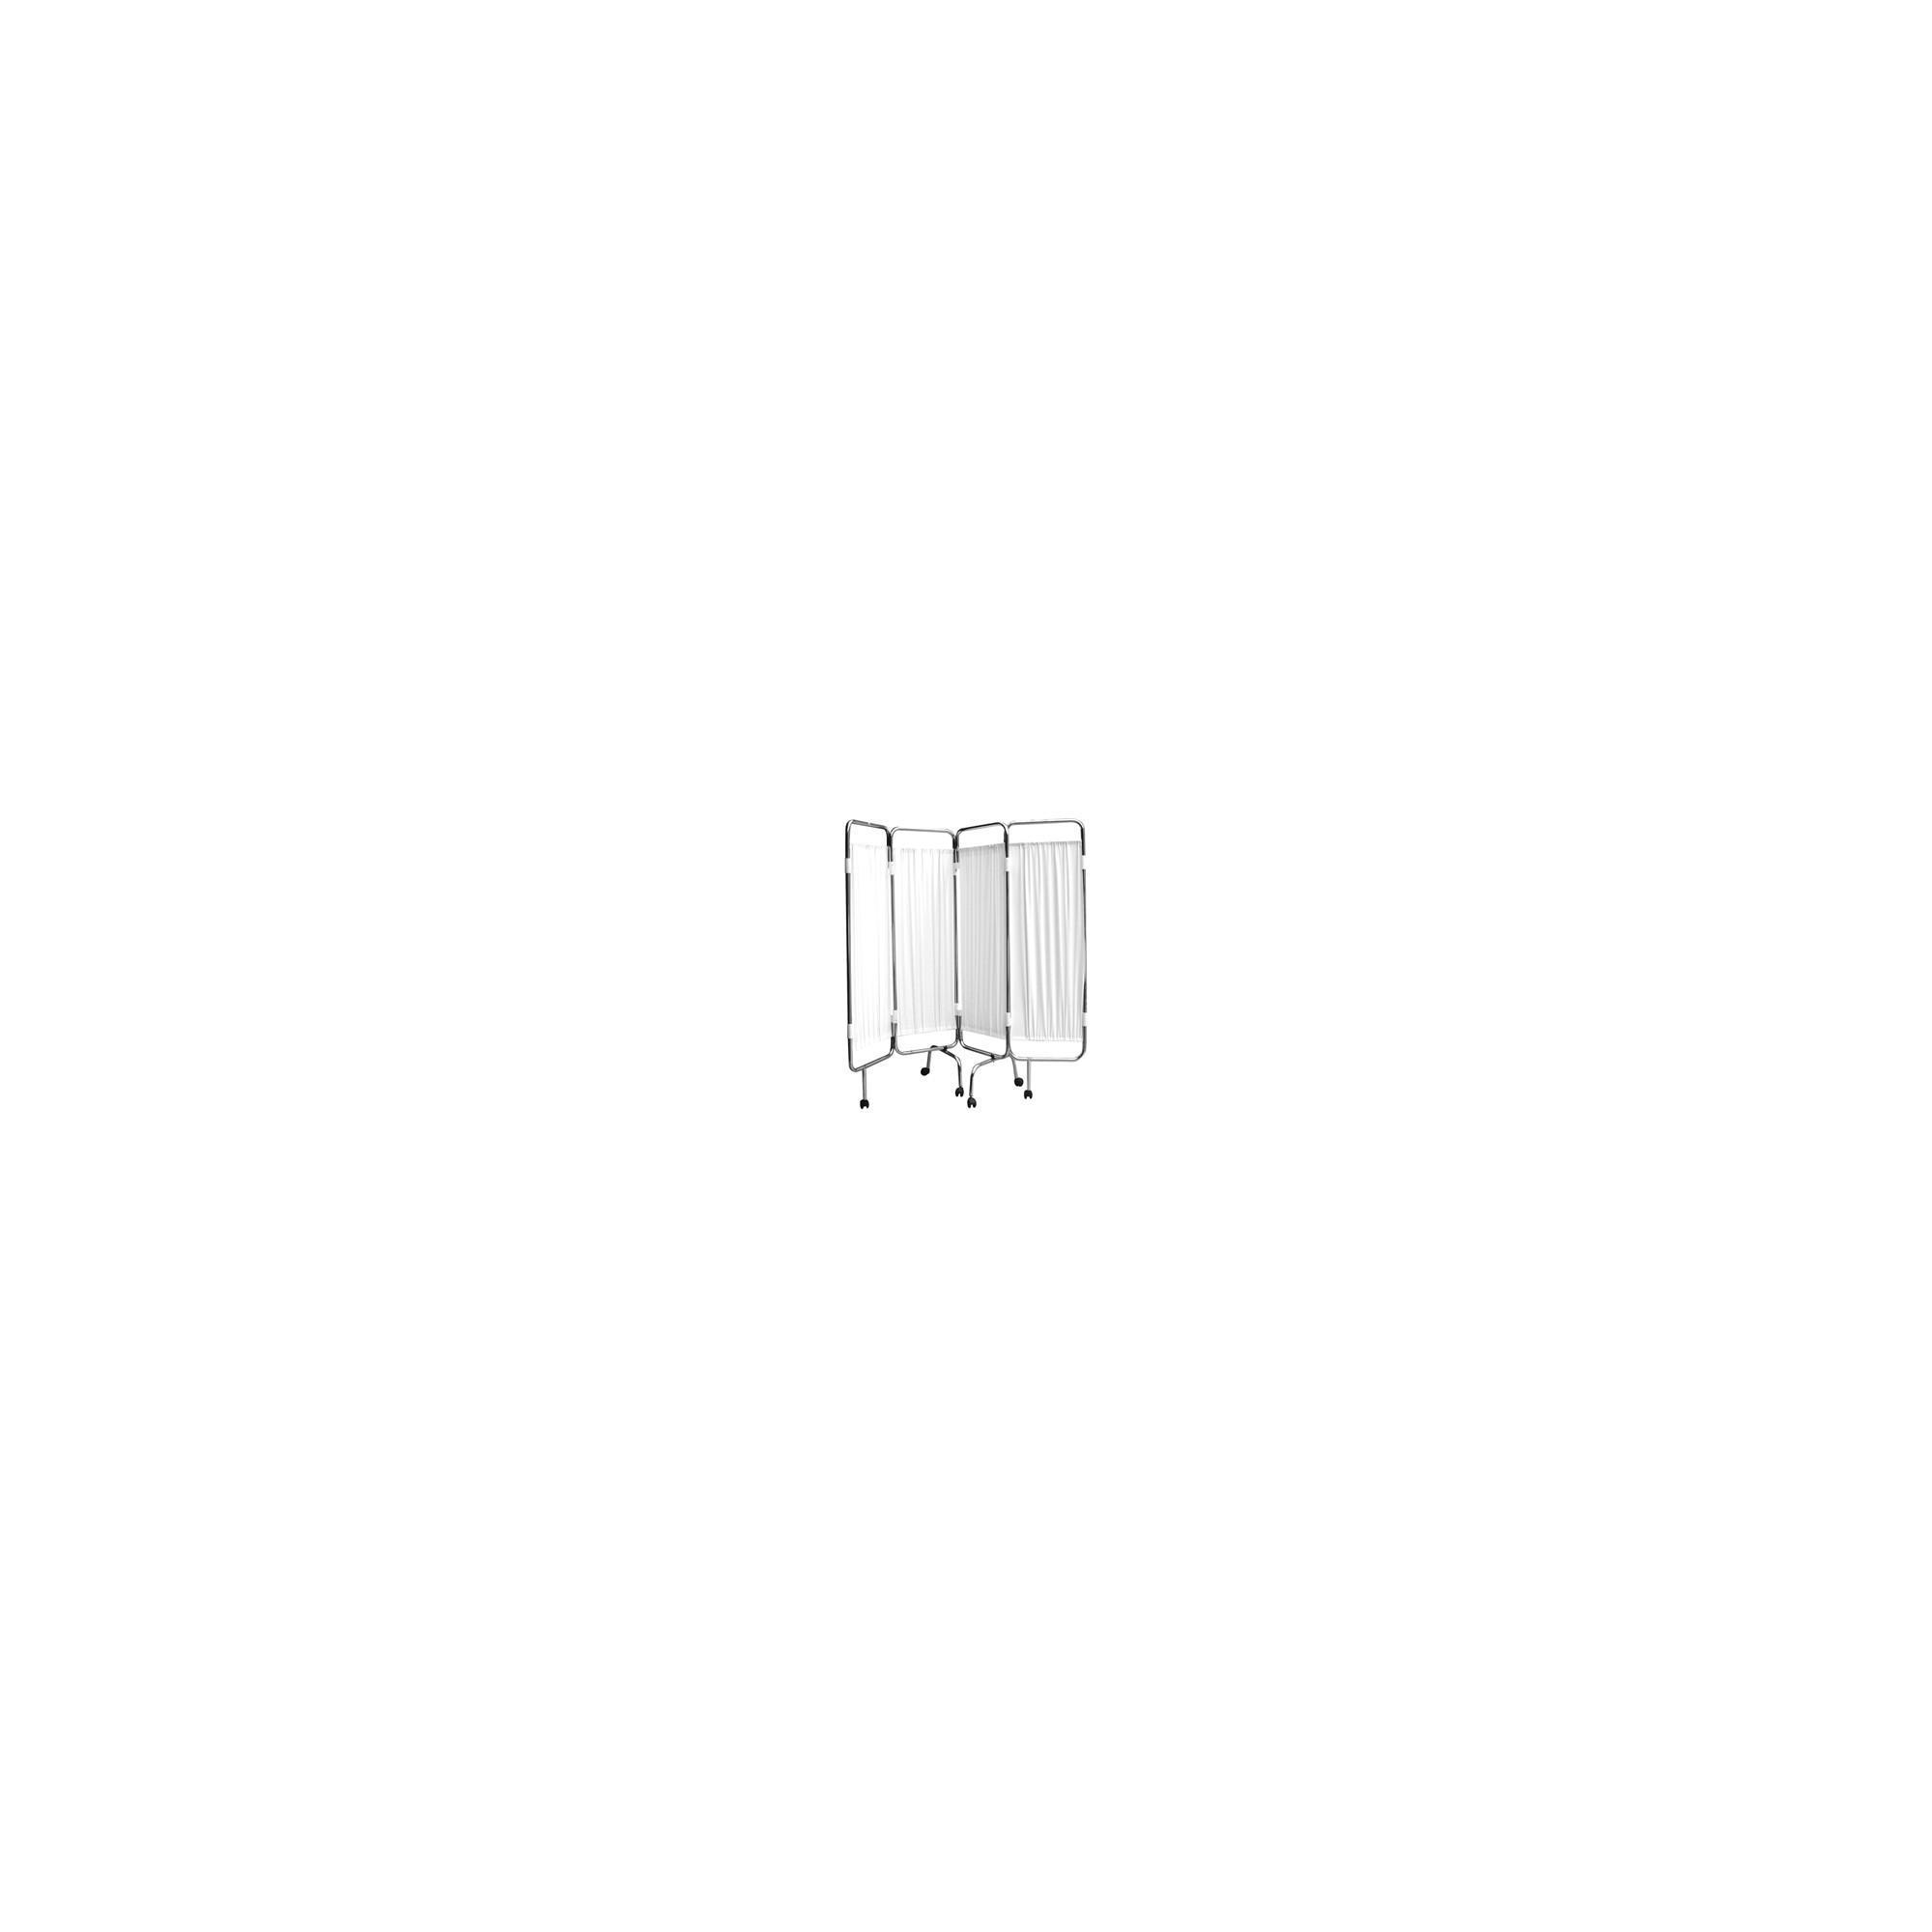 Paravent chromé blanc - 4 panneaux - Avec roulettes